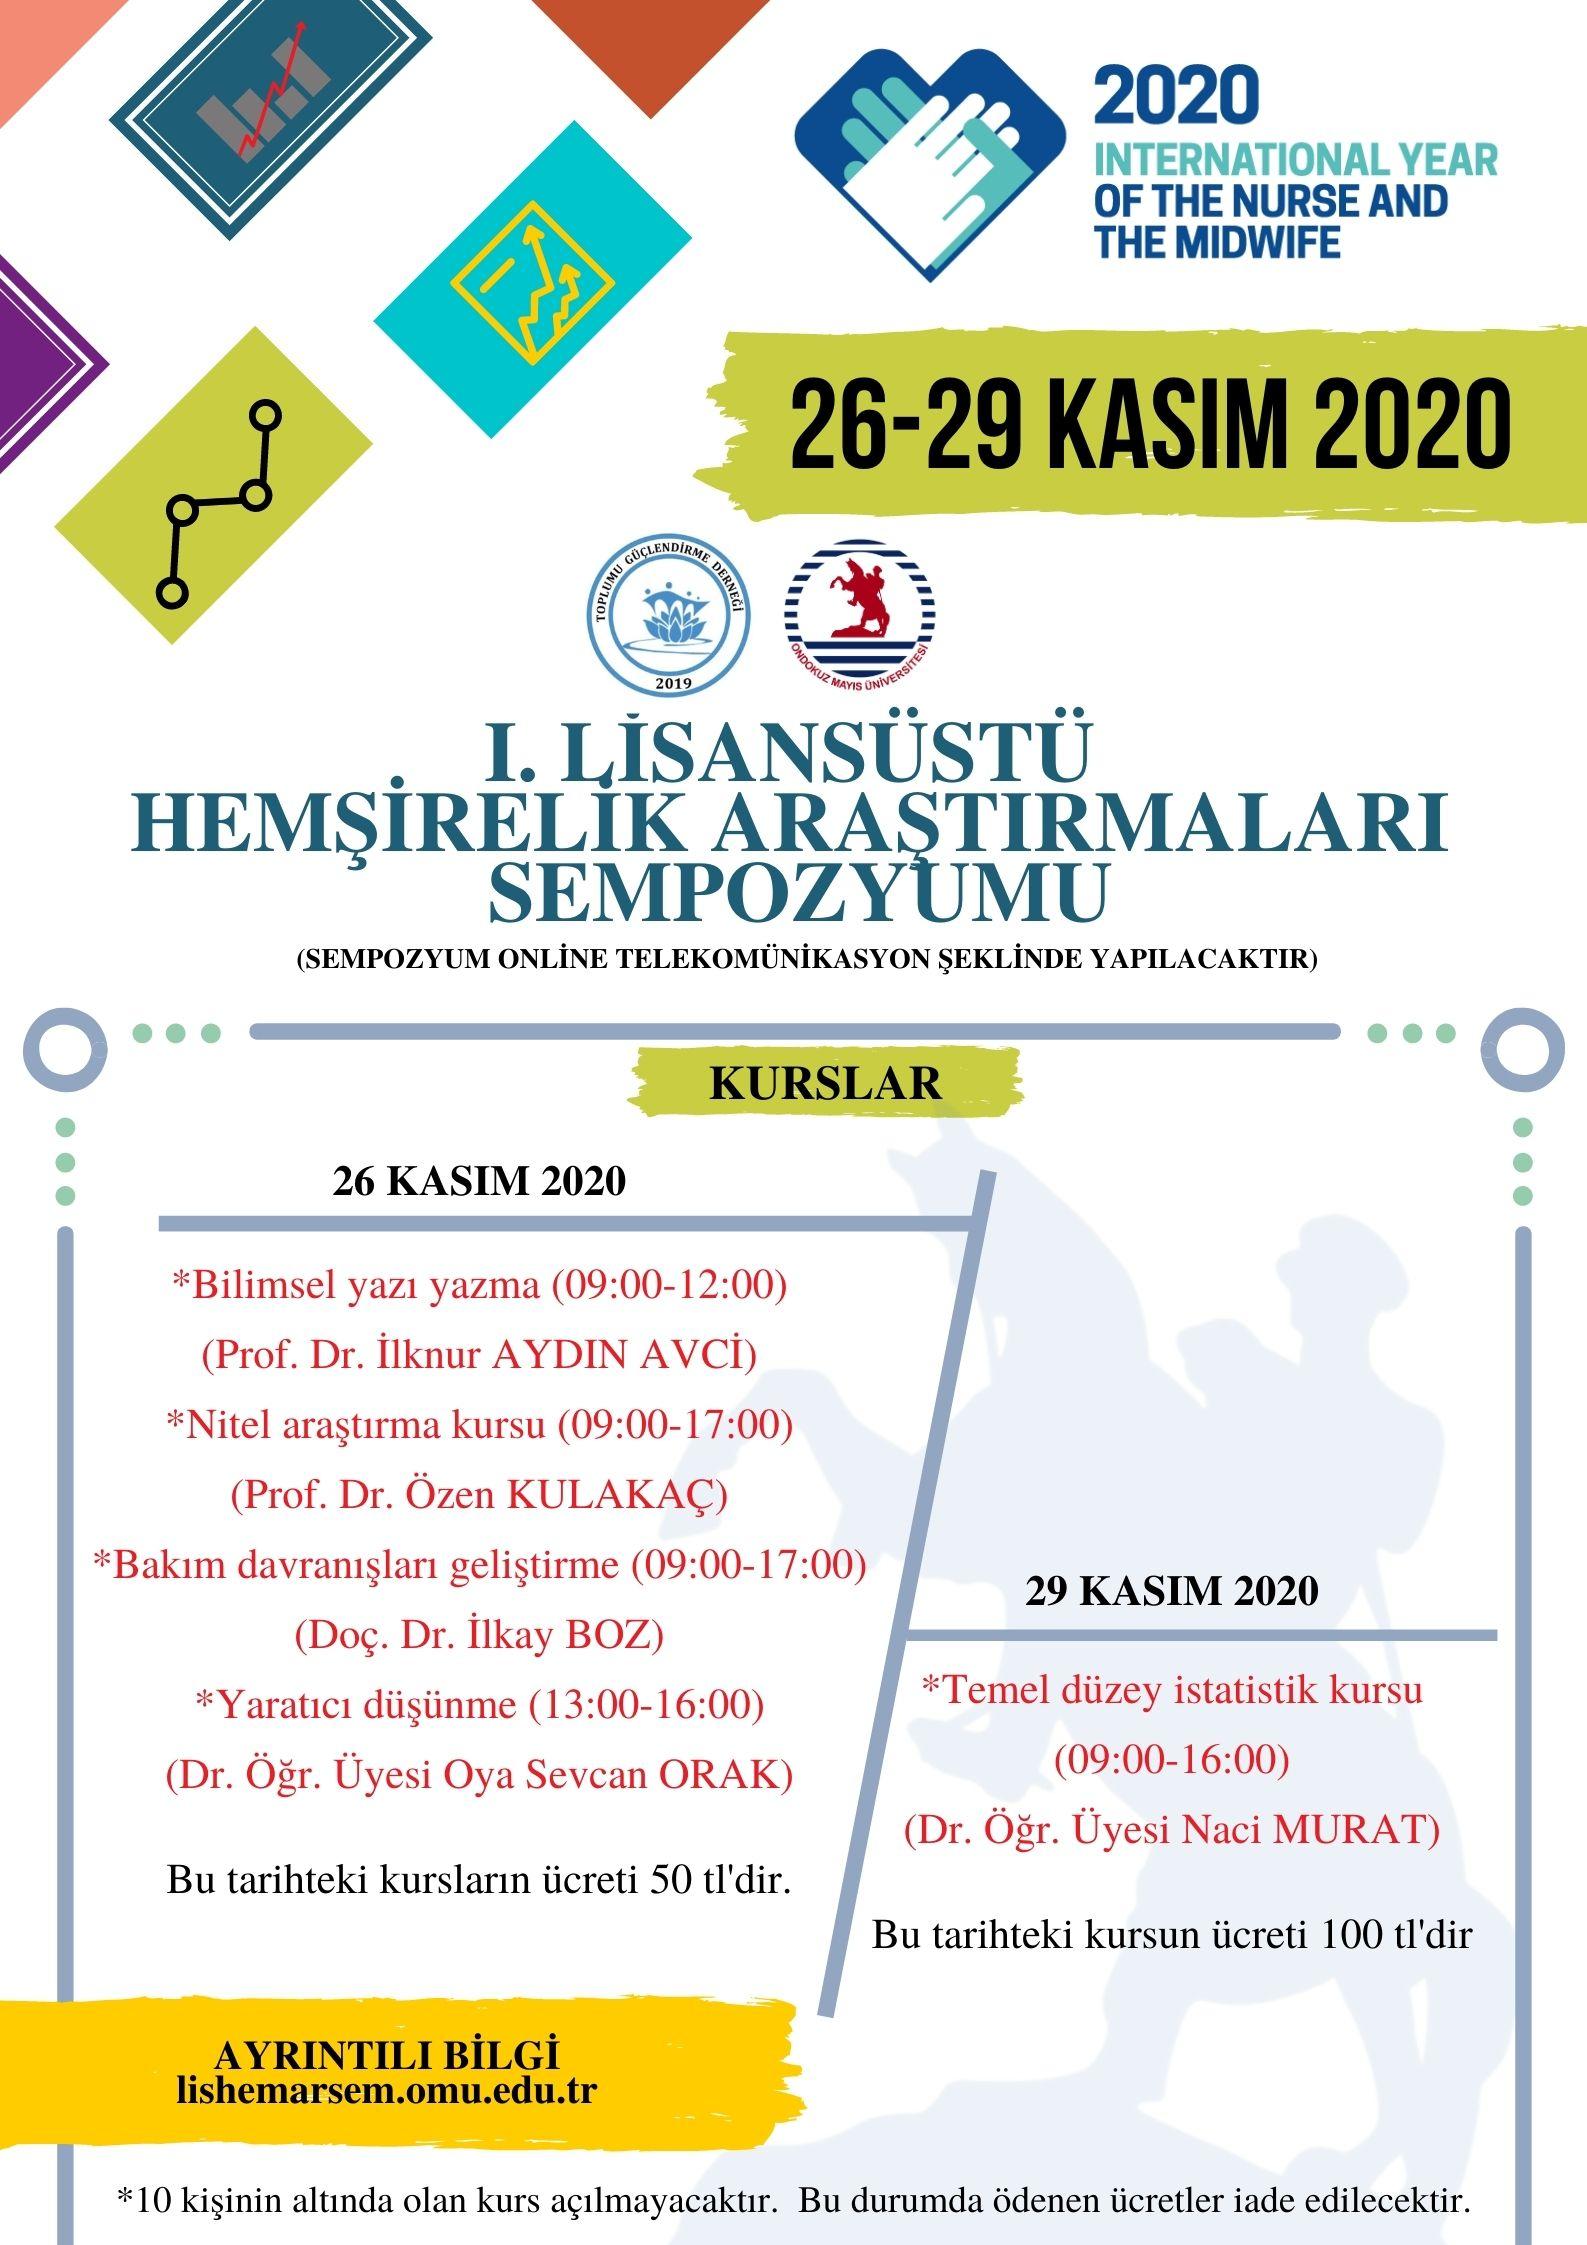 http://www.omu.edu.tr/sites/default/files/lisansustu_hemsirelik_arastirmalari_sempozyumu.jpg